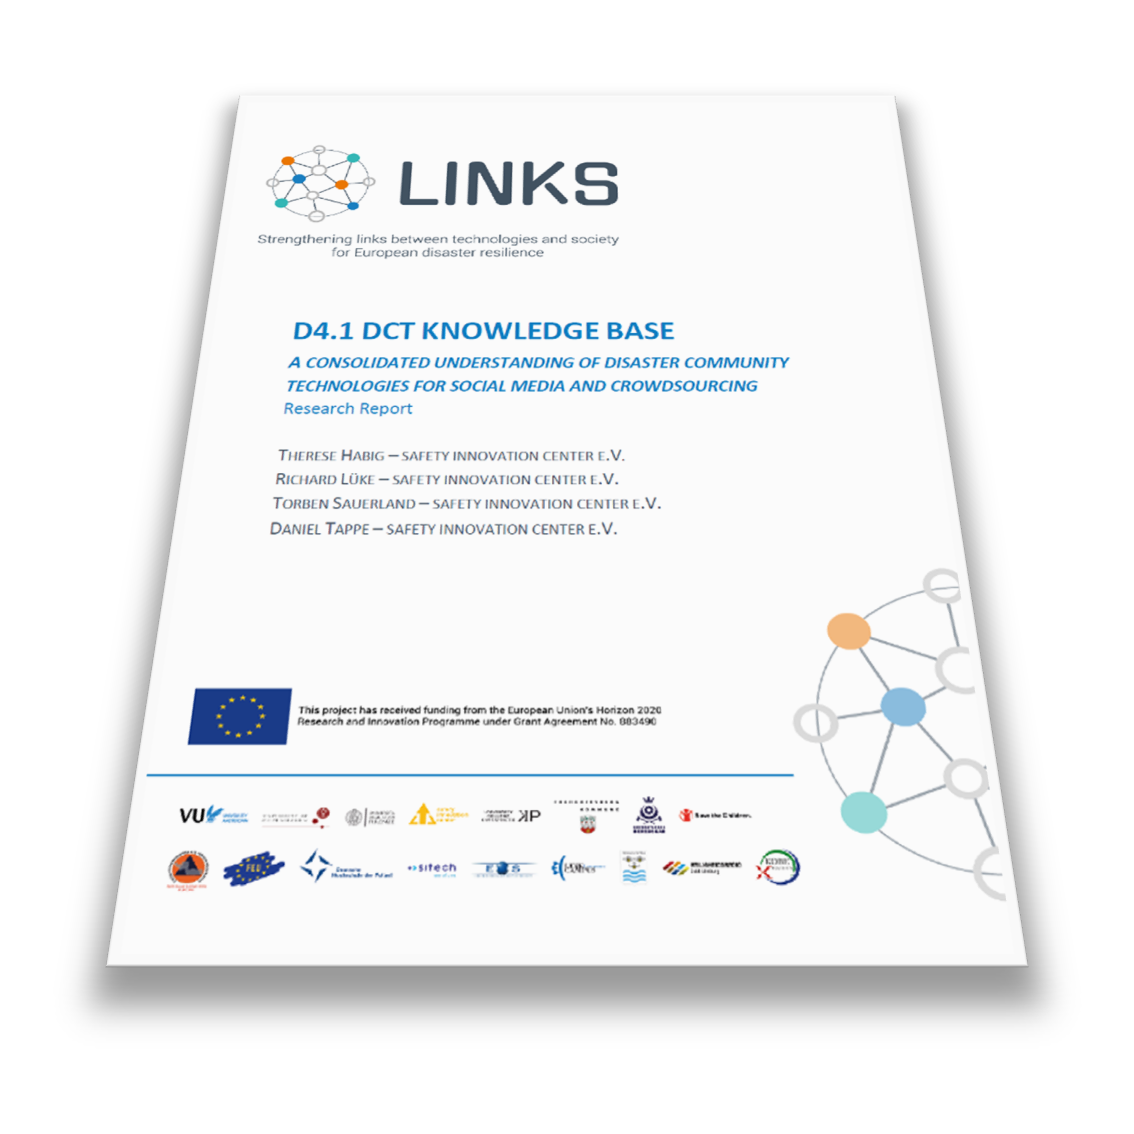 Klassifizierungsschema im Projekt LINKS entwickelt